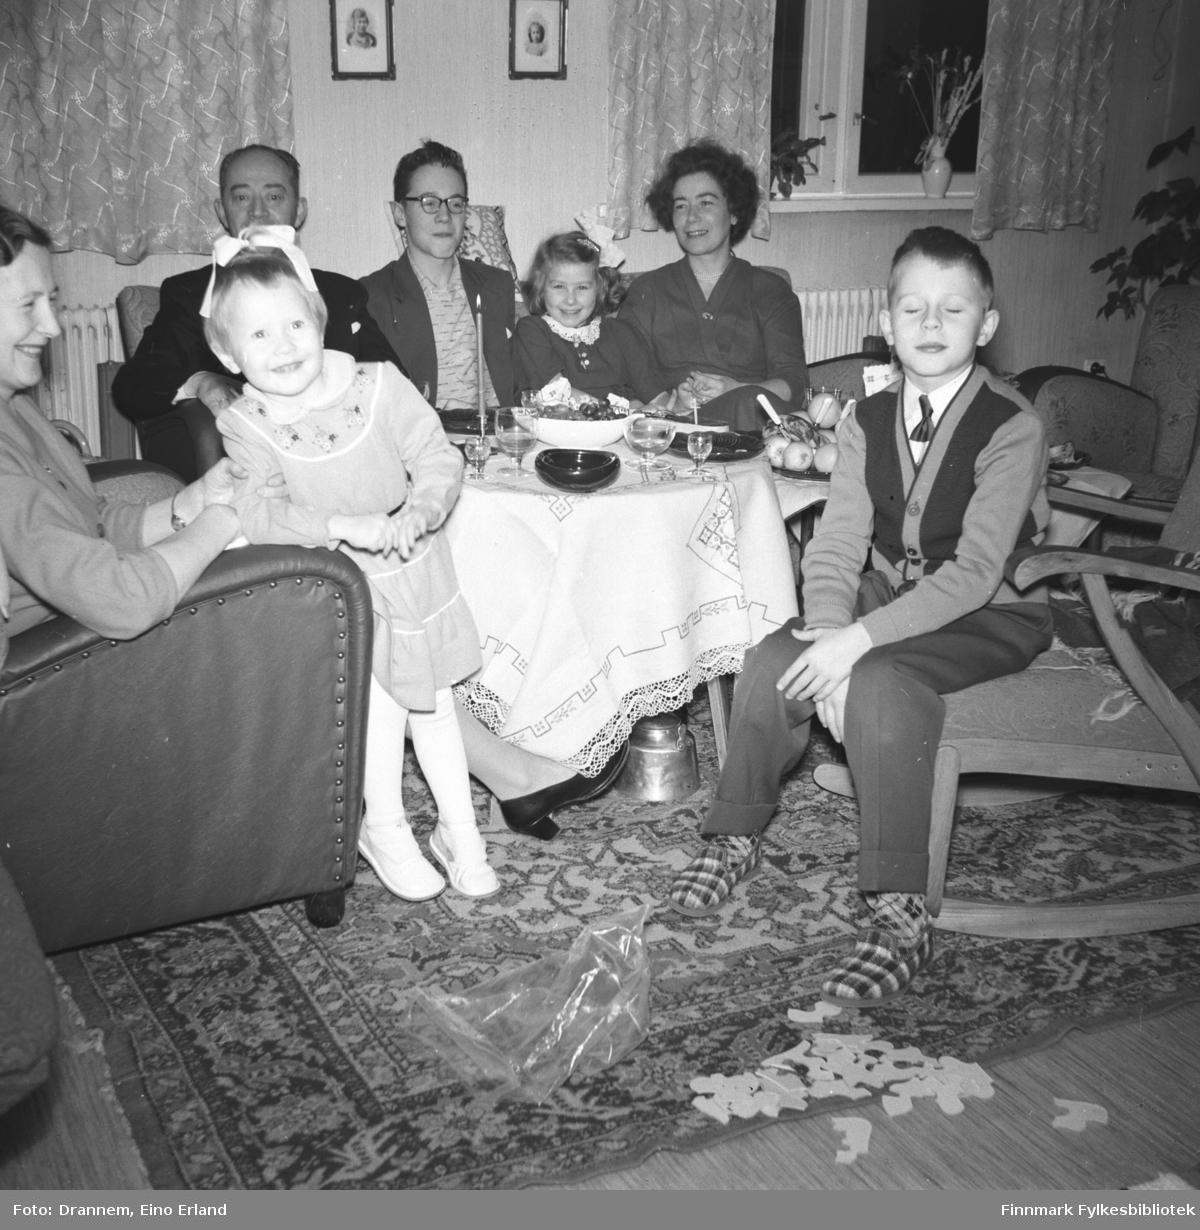 Familien Drannem på besøk hos familien Sørensen. Fra venstre Reidun, Grete, Olav, eldste sønn Arvid Sørensen, Turid Lillian, Jenny og Gunnar